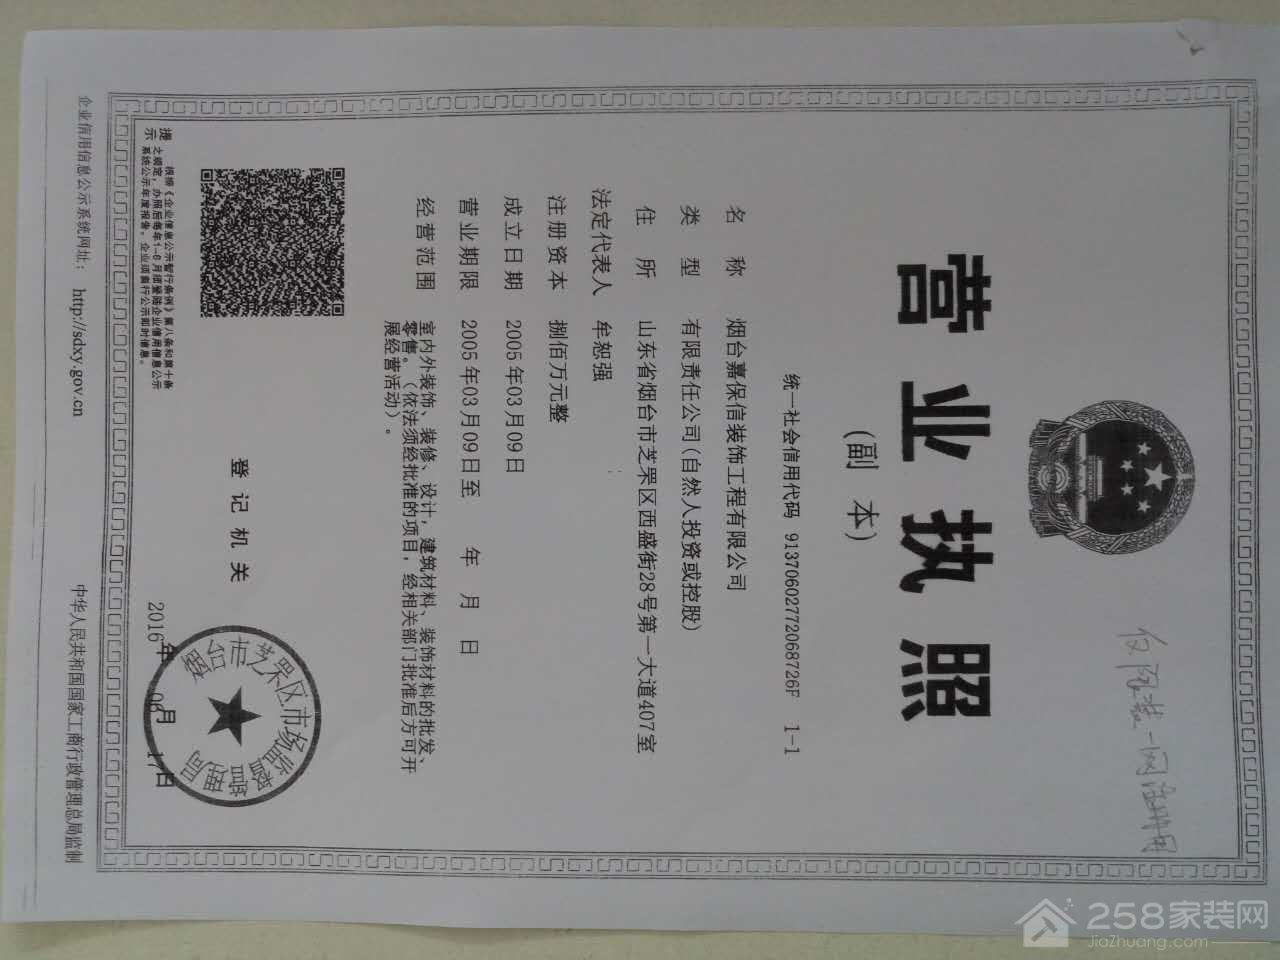 烟台嘉保信装饰工程有限公司